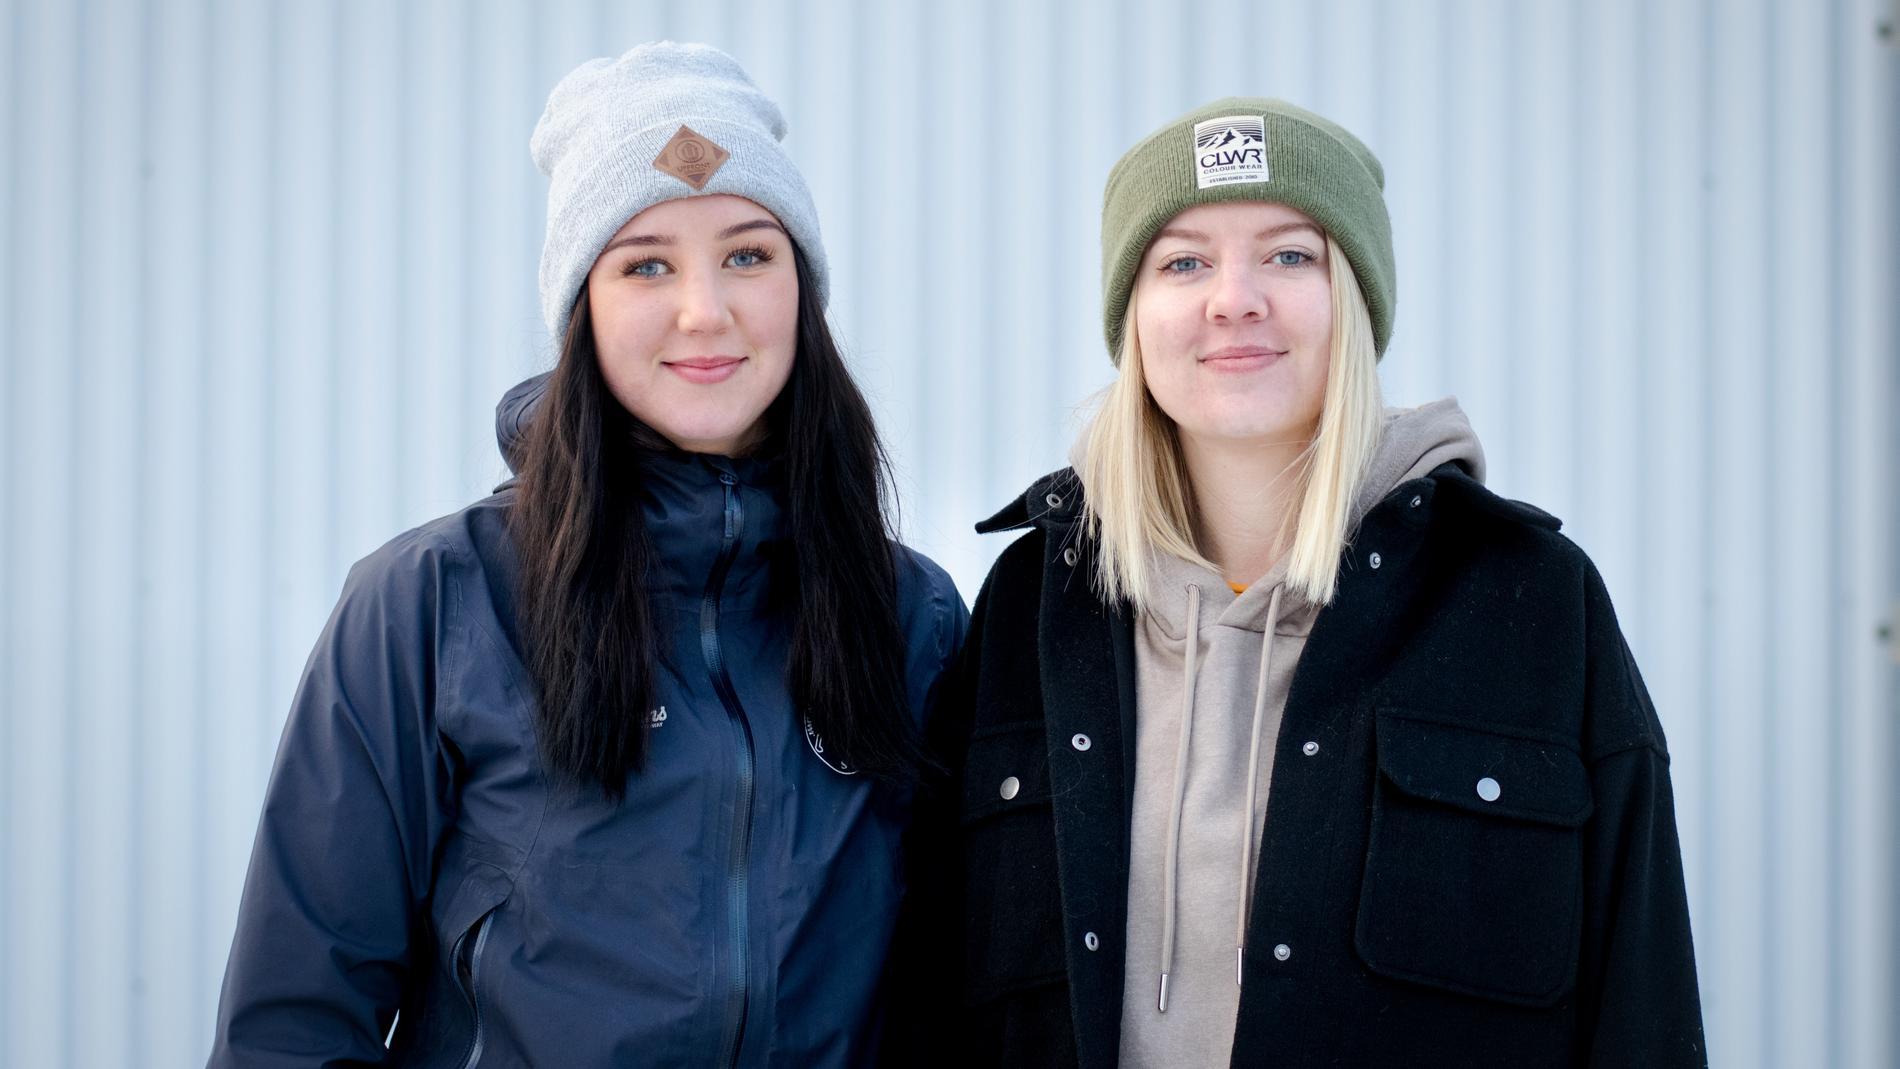 Linnea Stålhandske och Sandra Myhr jobbar inom hemtjänsten yttre i Sveg. De har tagit initiativ till en insamling så de kan köpa julklappar till sina vårdtagare.